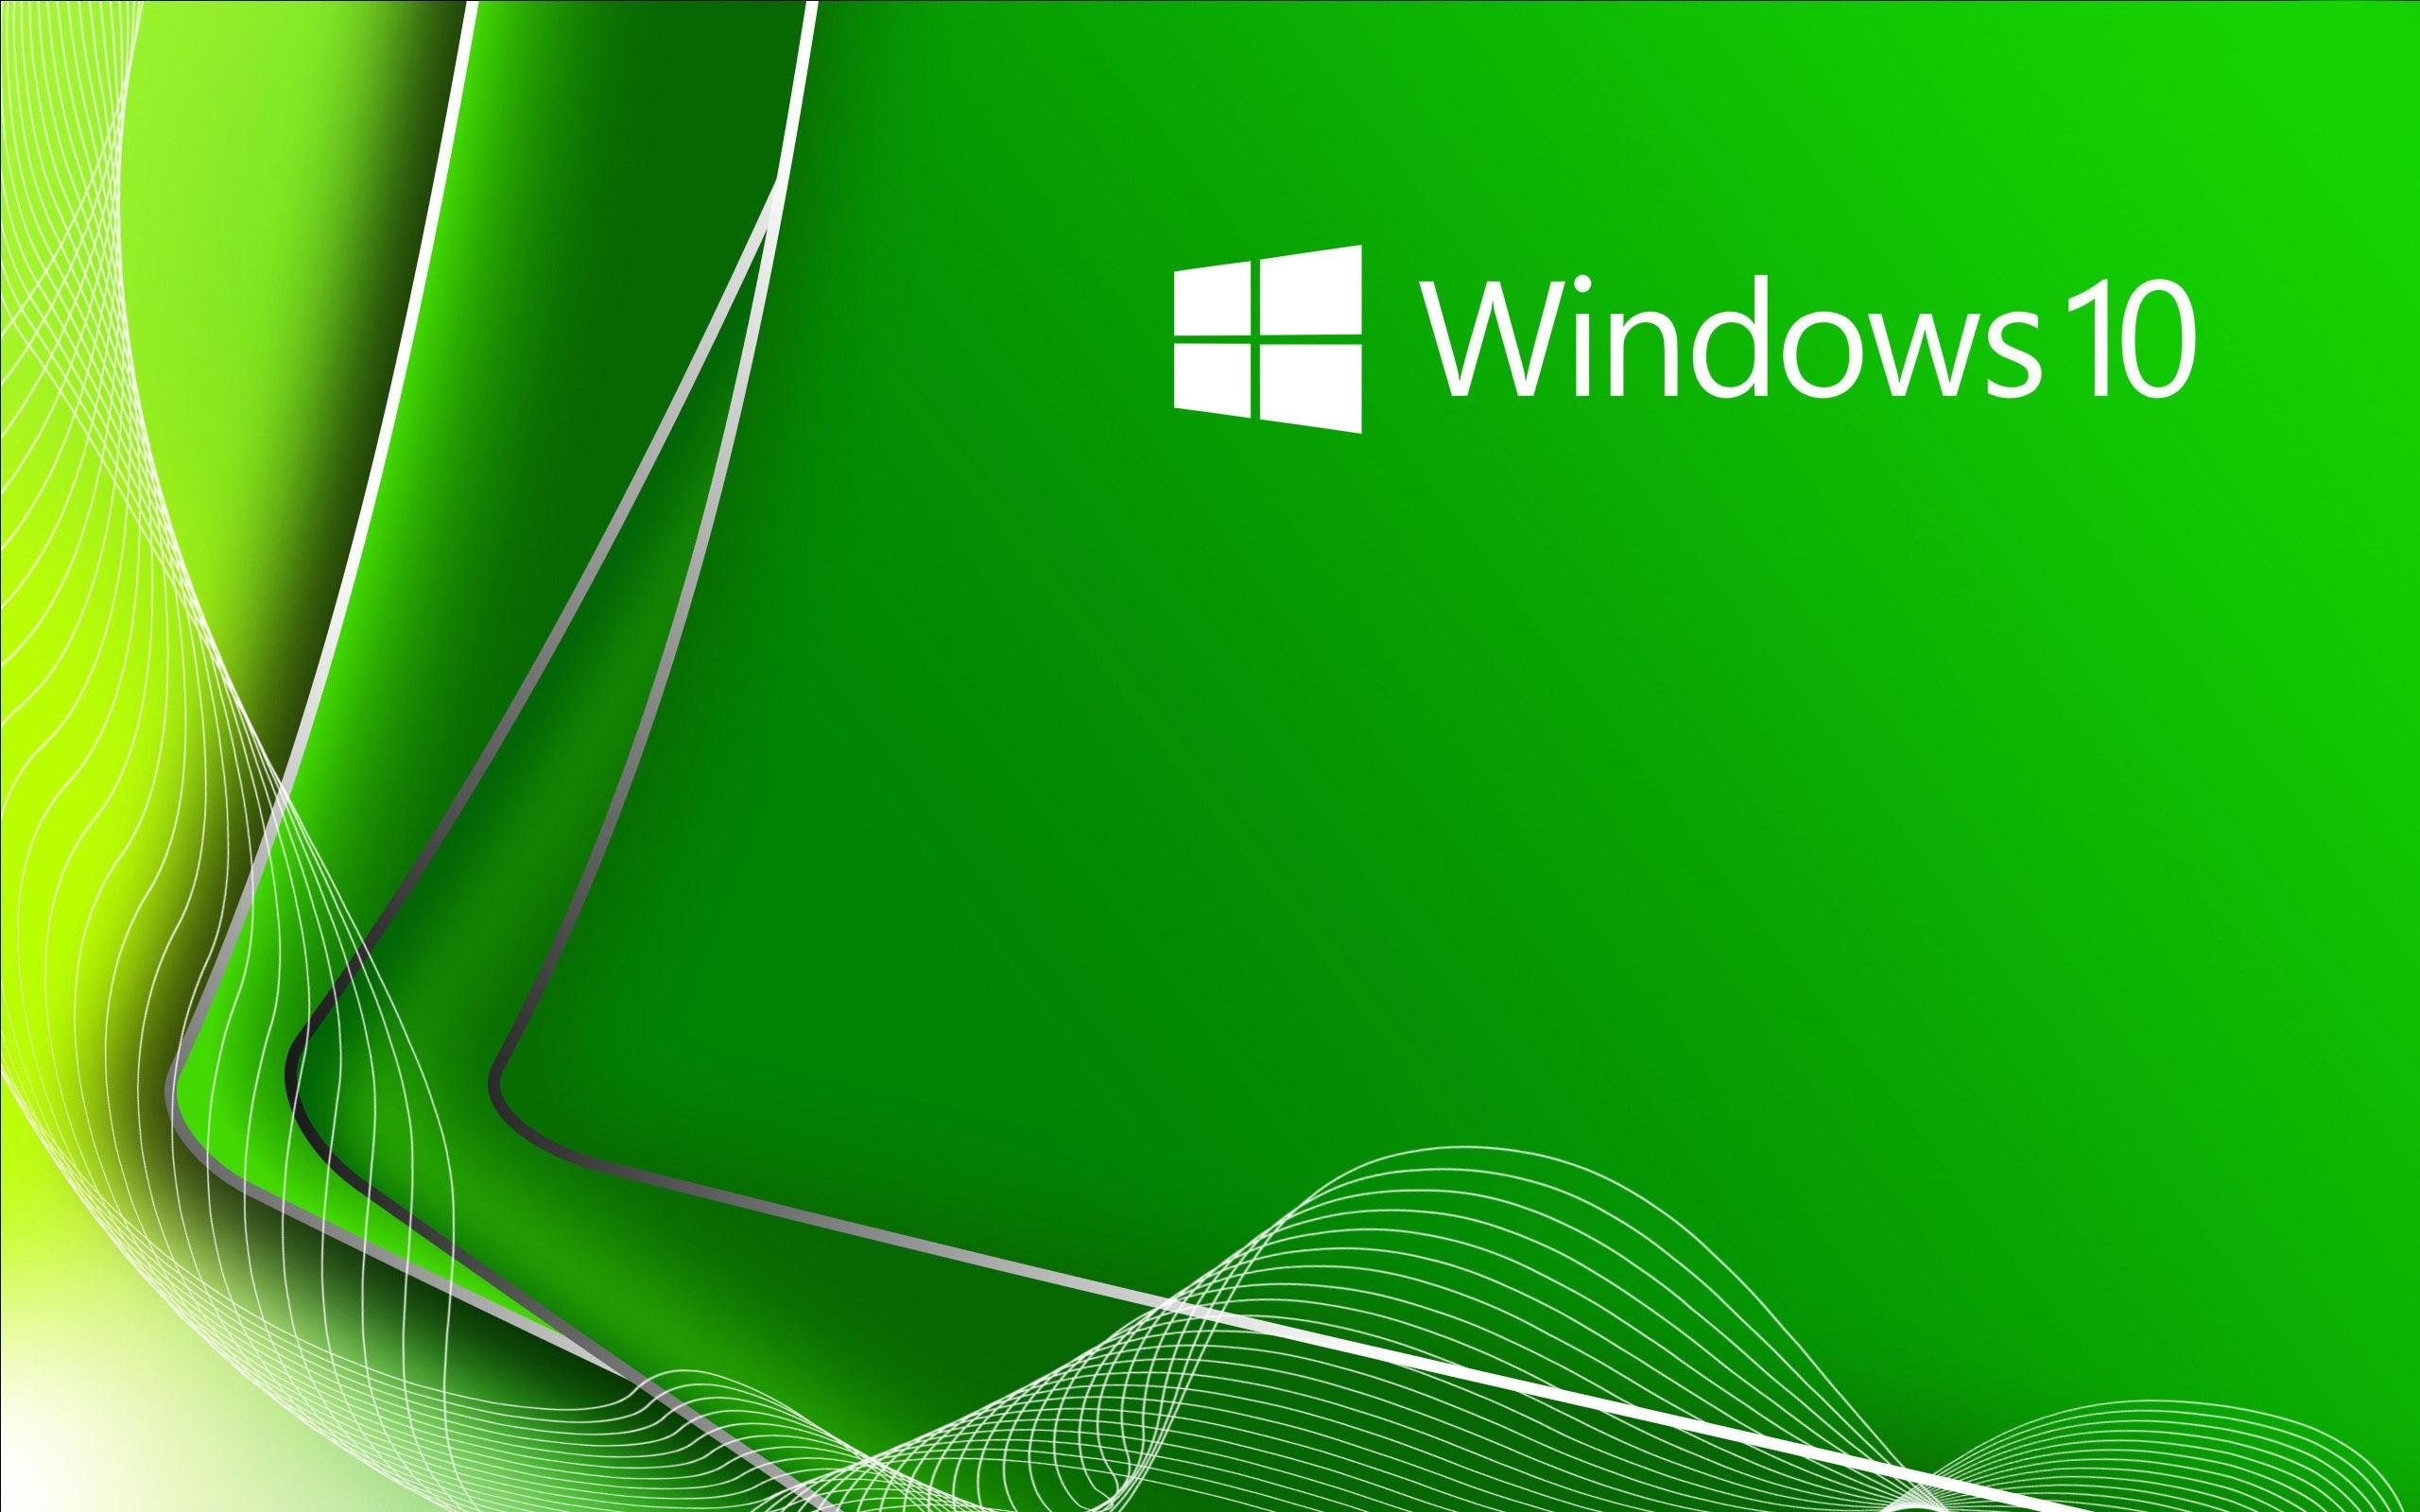 … laptop hd wallpapers for windows 10 pixelstalk net …